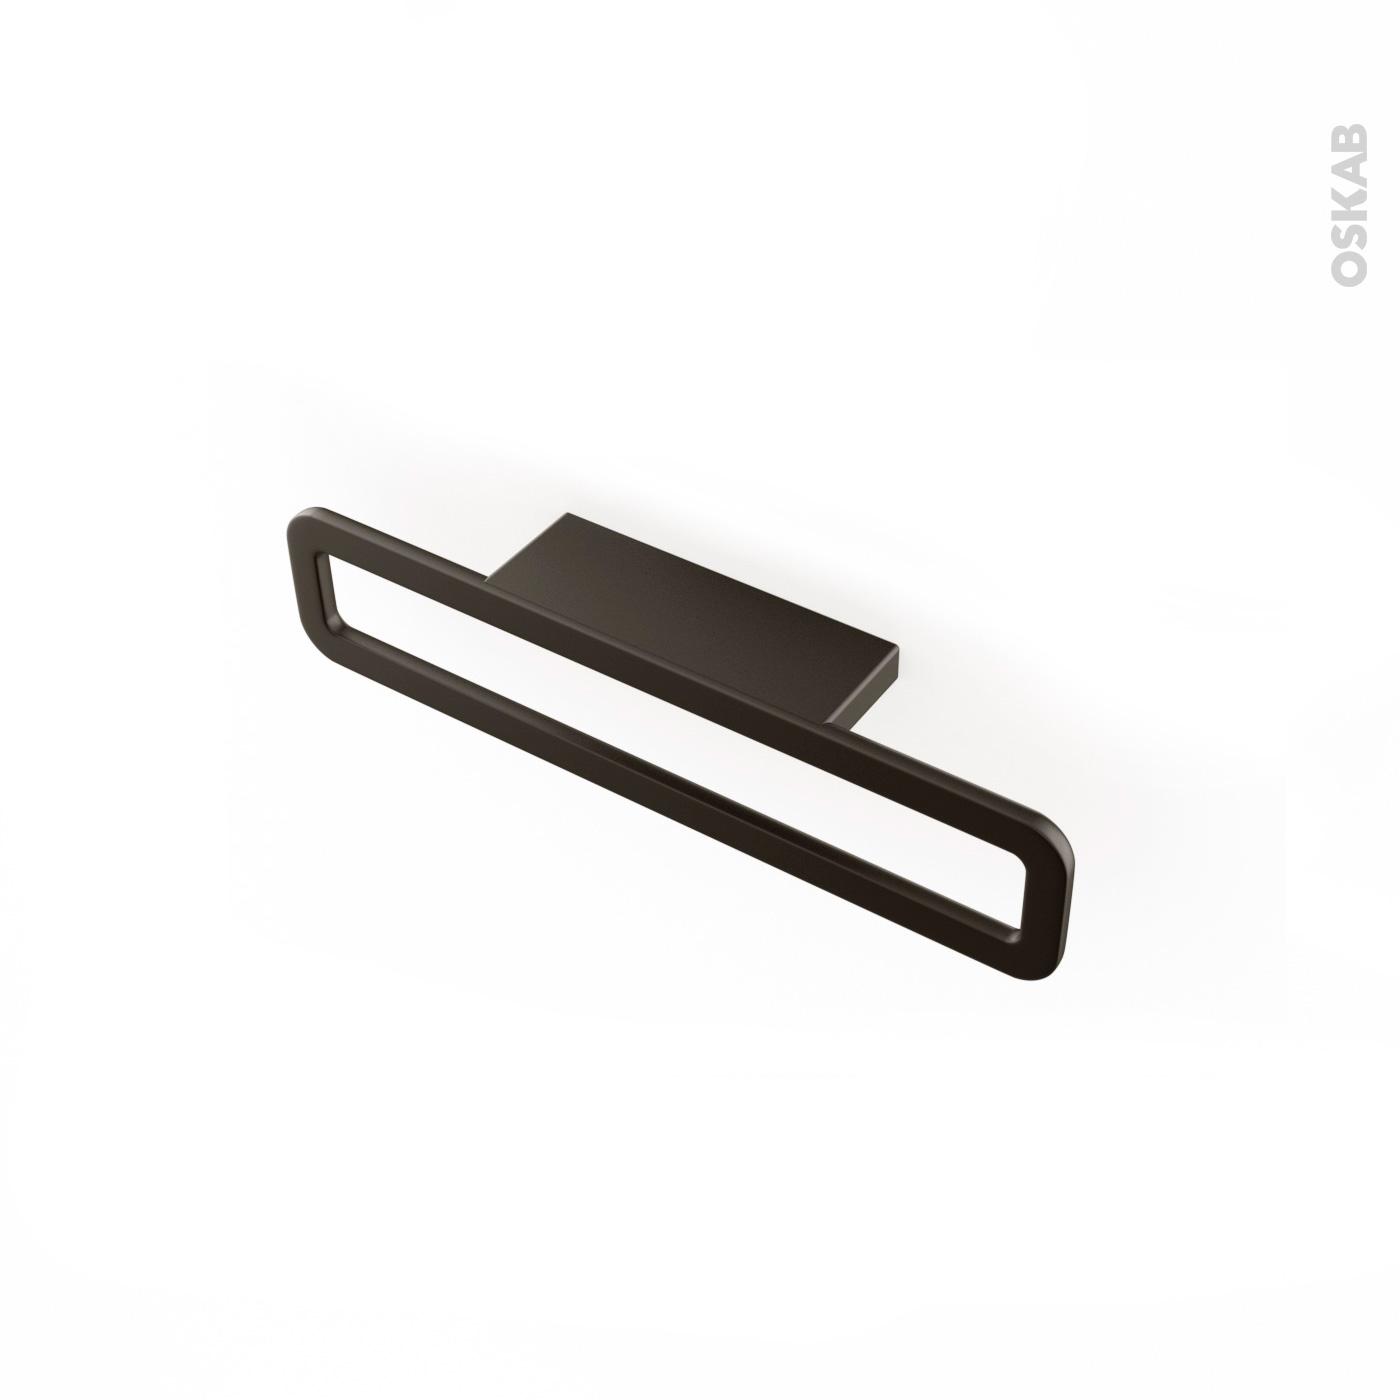 Poignet De Meuble De Cuisine poignée de meuble de cuisine n°39 chrome noir mat, 16,6 cm, entraxe 64 mm,  sokleo